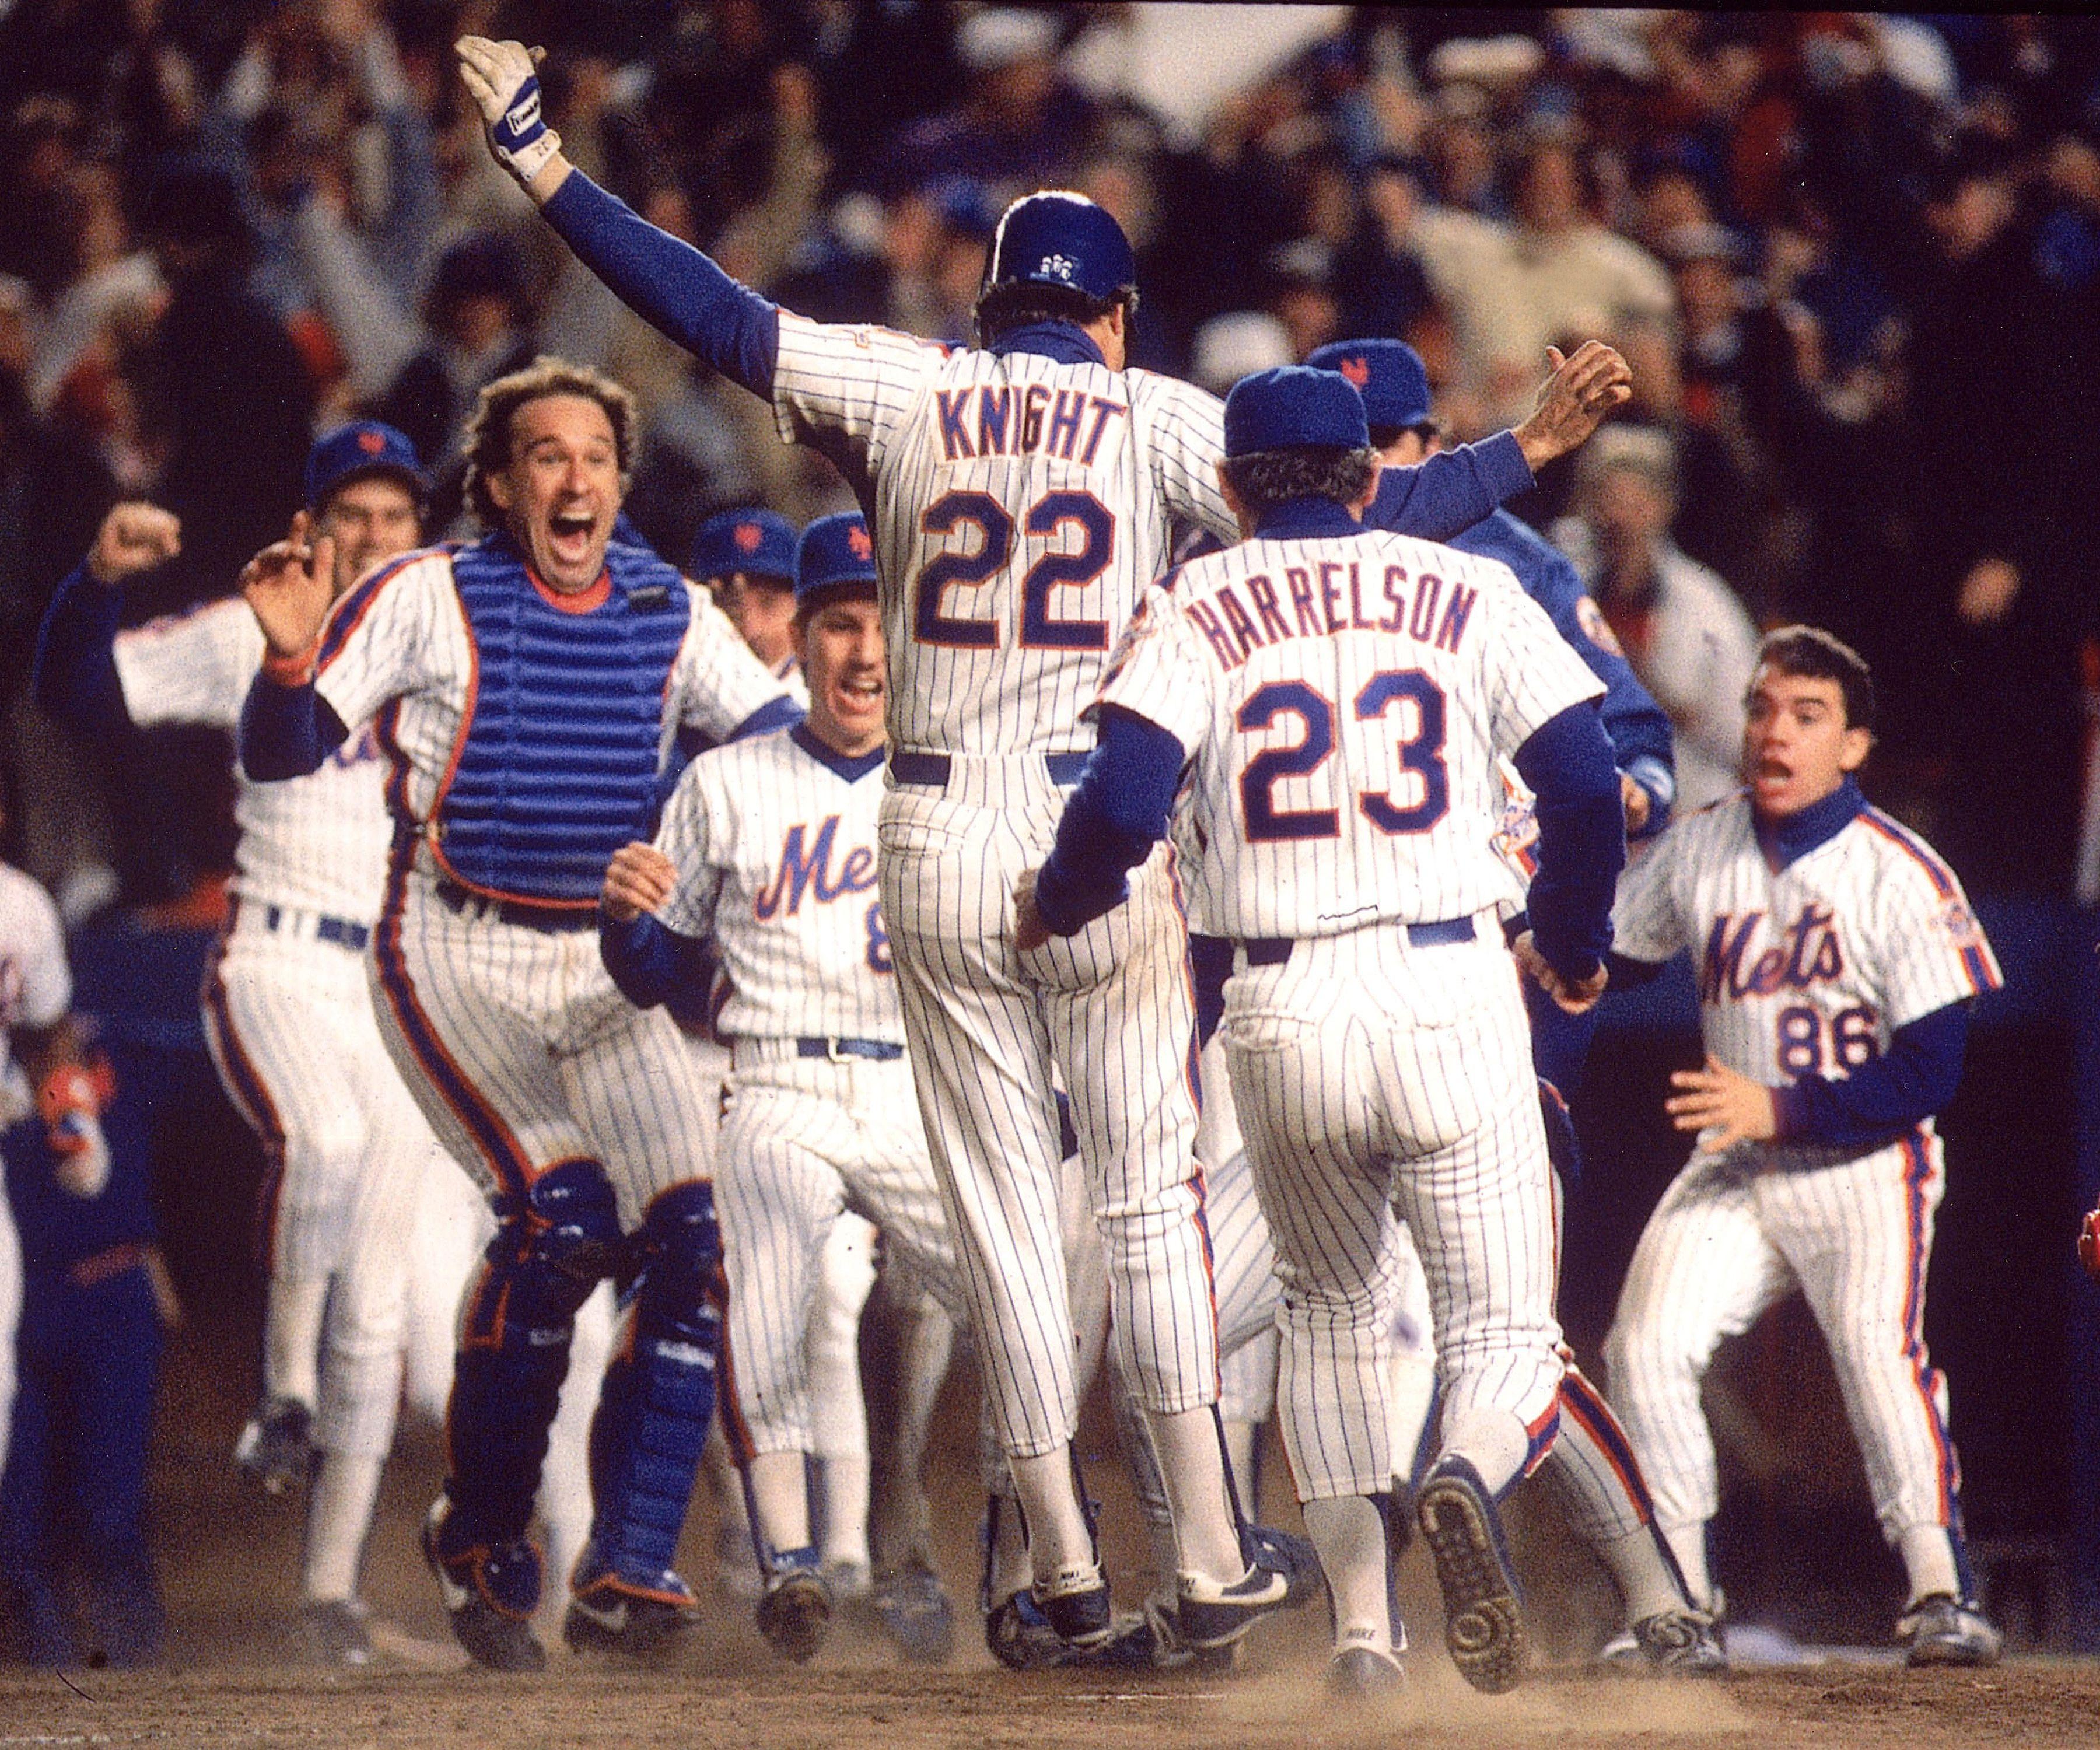 Gary Carter New York Mets Celebrates Winning 1986 World Series 8x10 Photo